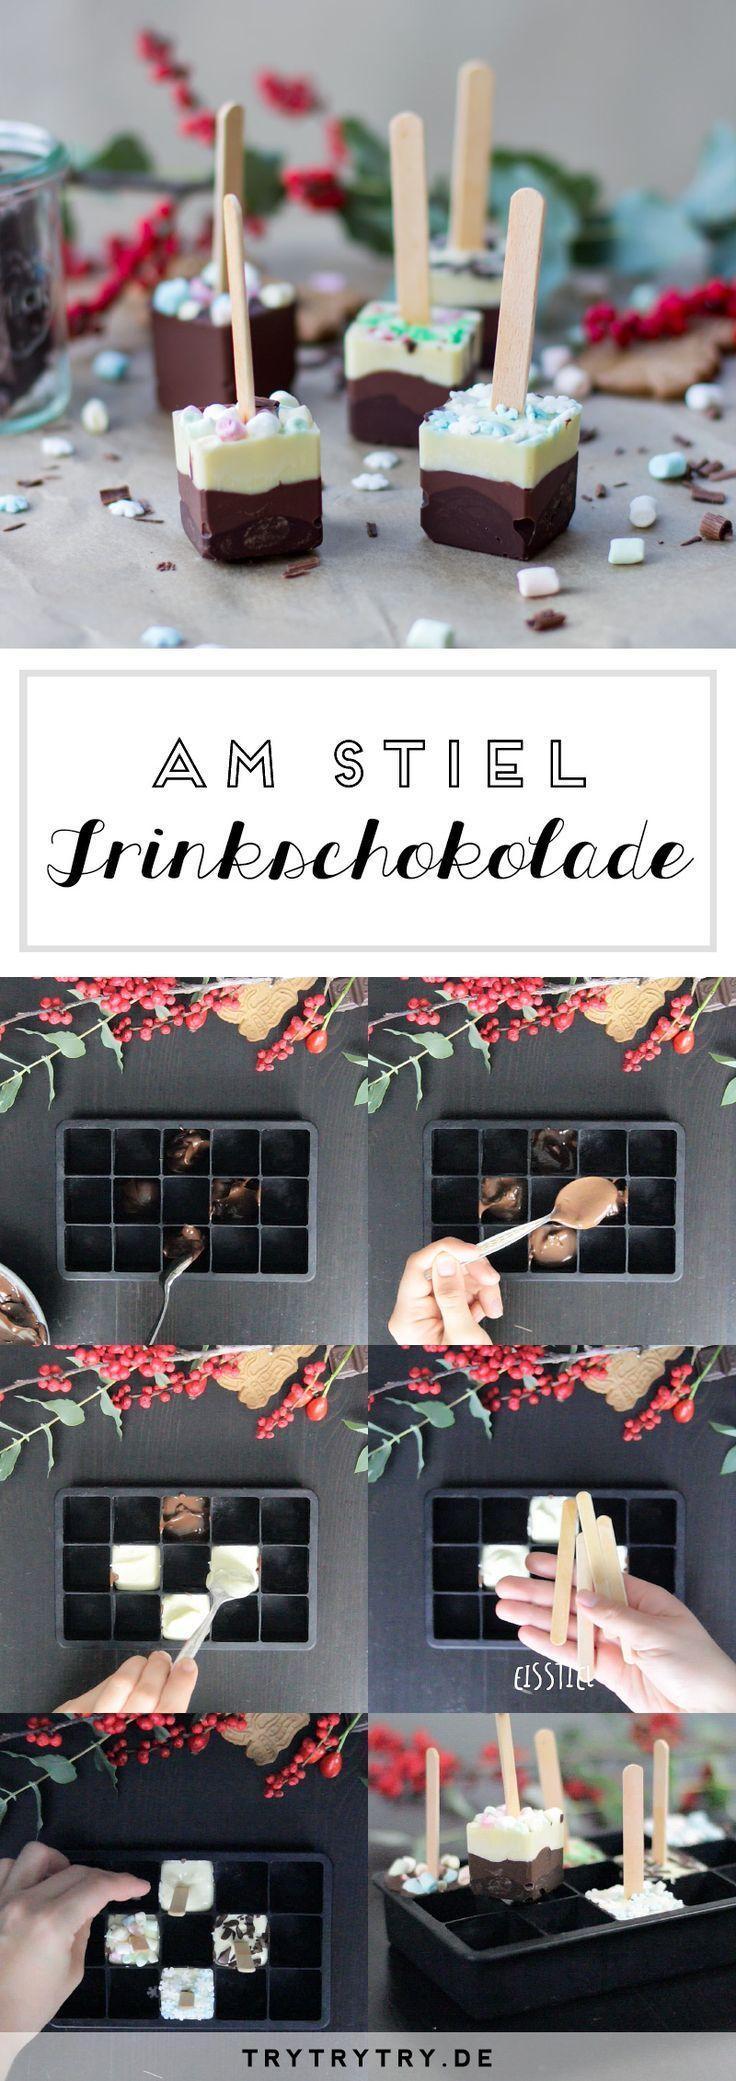 3 Naschereien zum Verschenken | Gebrannte Mandeln, Schneemann-Marshmallows...